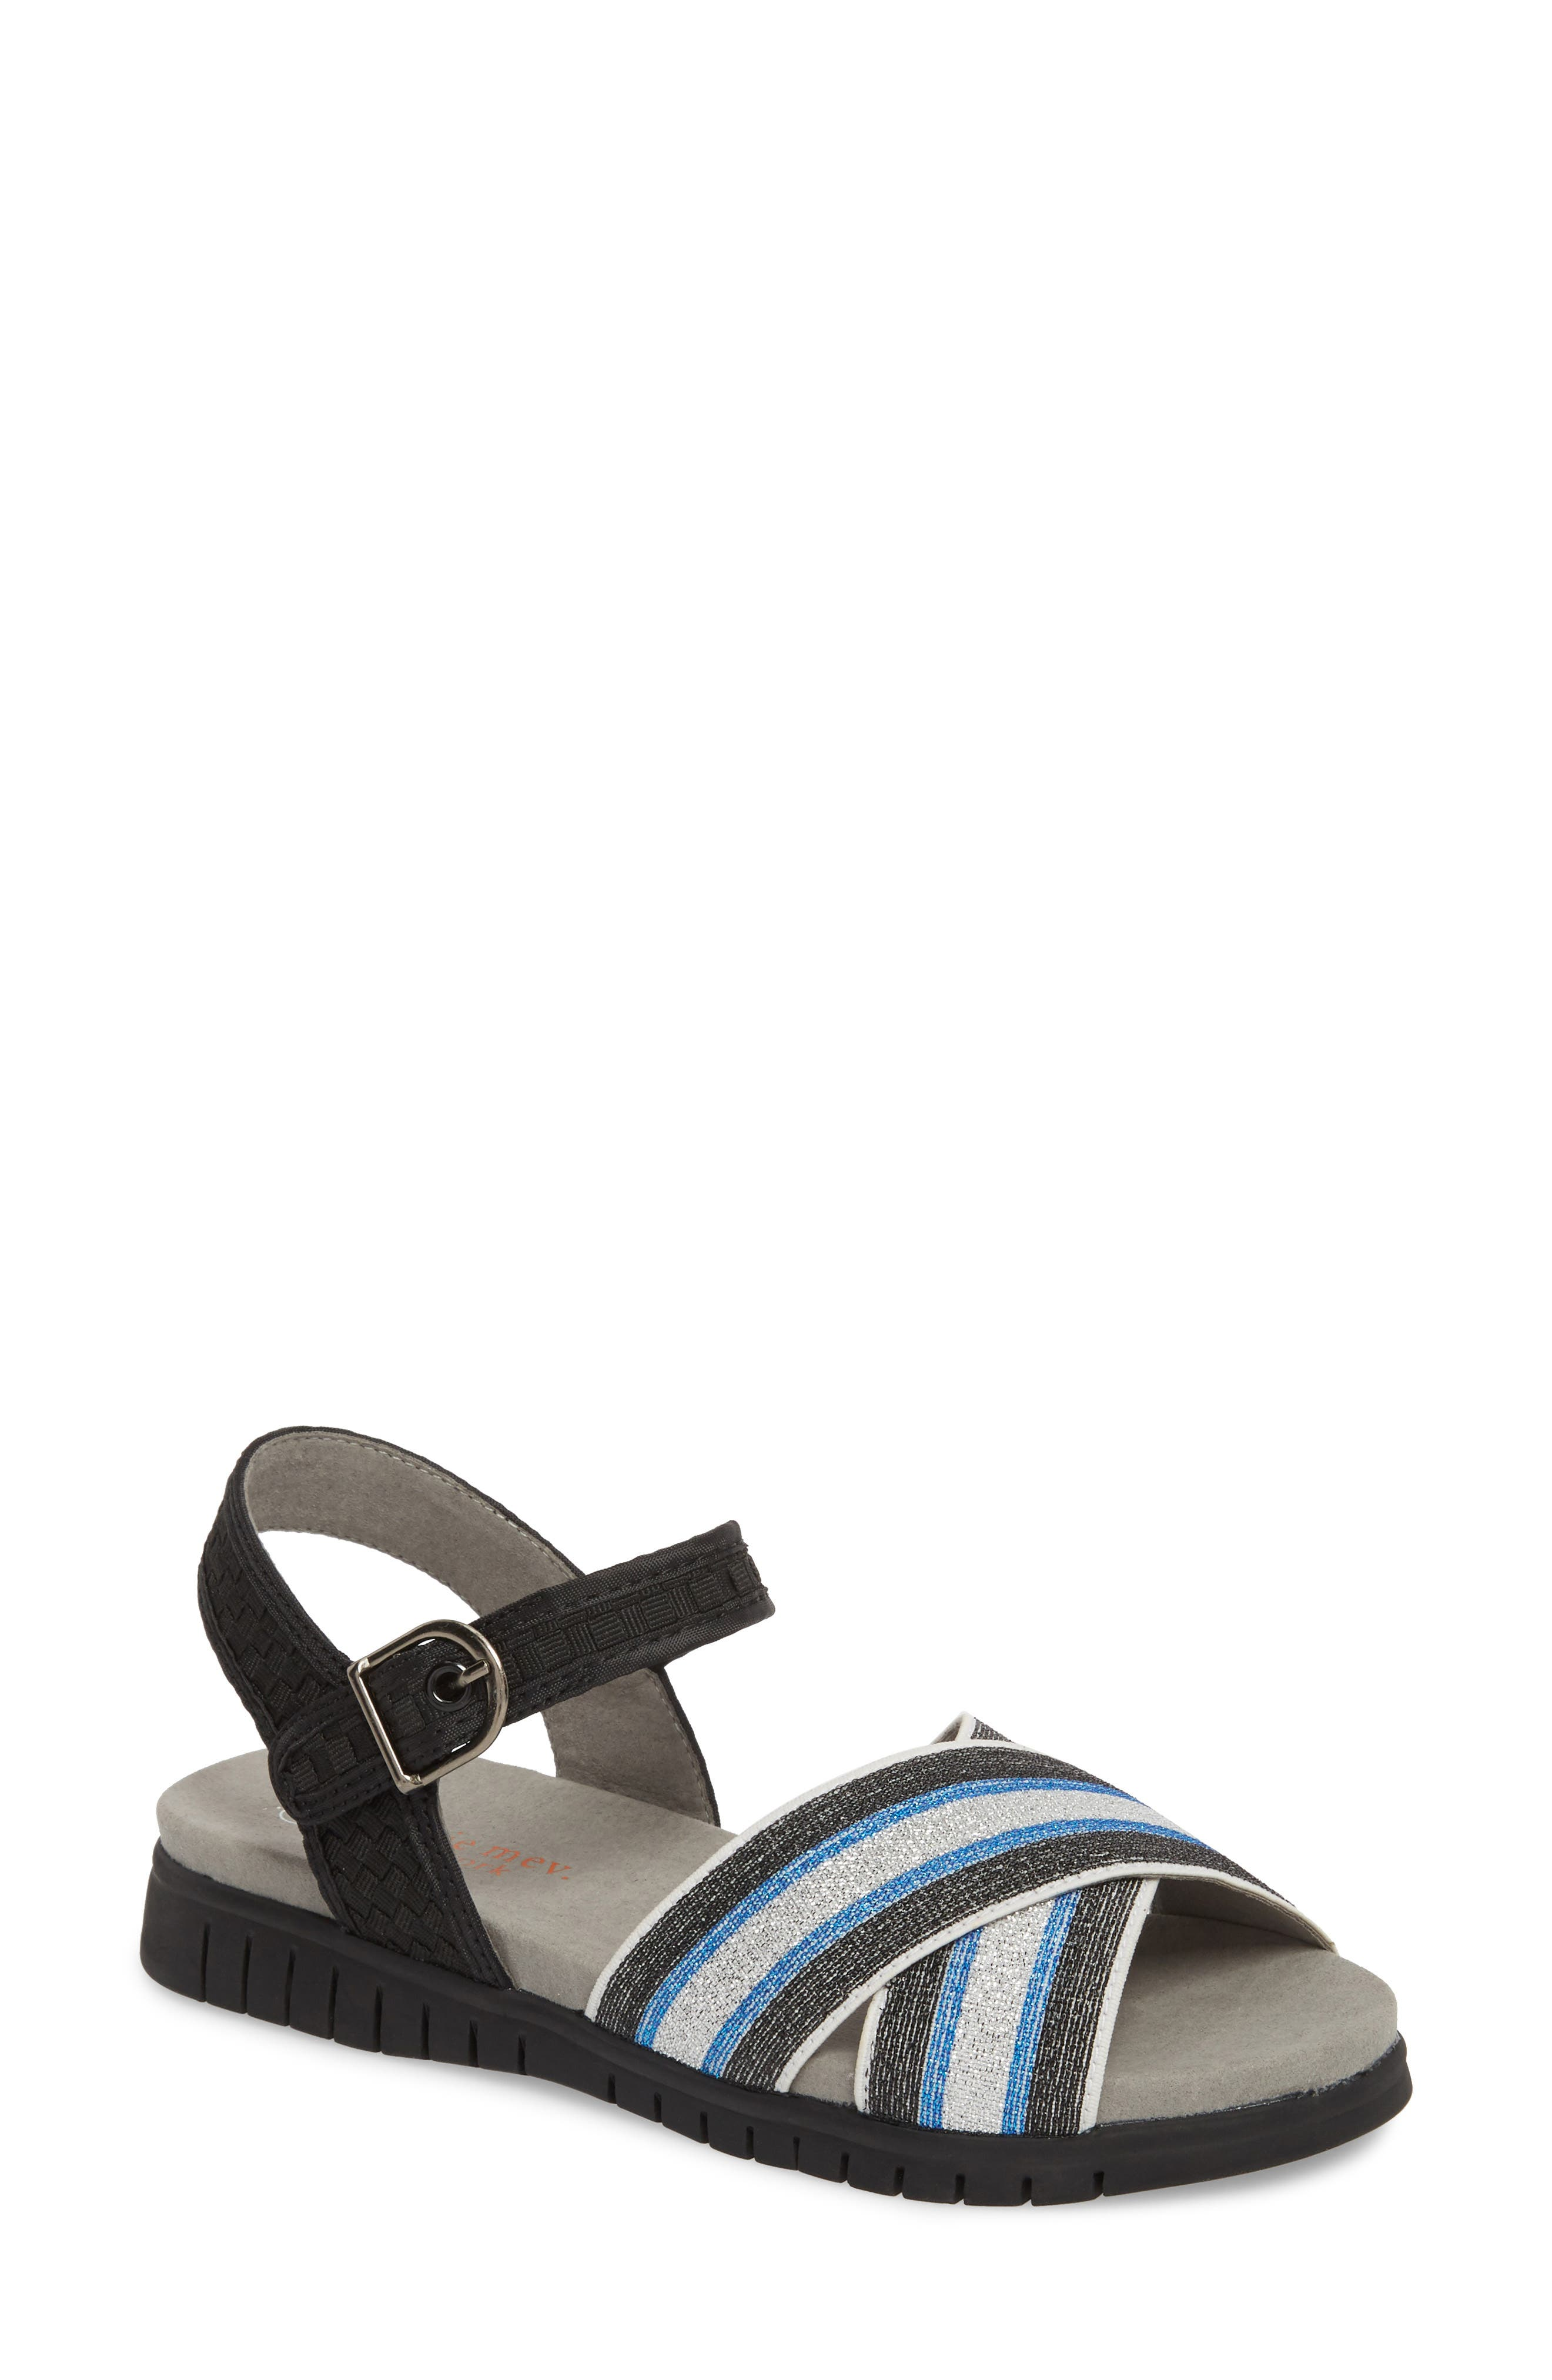 Malibu Sandal,                             Main thumbnail 1, color,                             BLACK BLUE STRIPE FABRIC